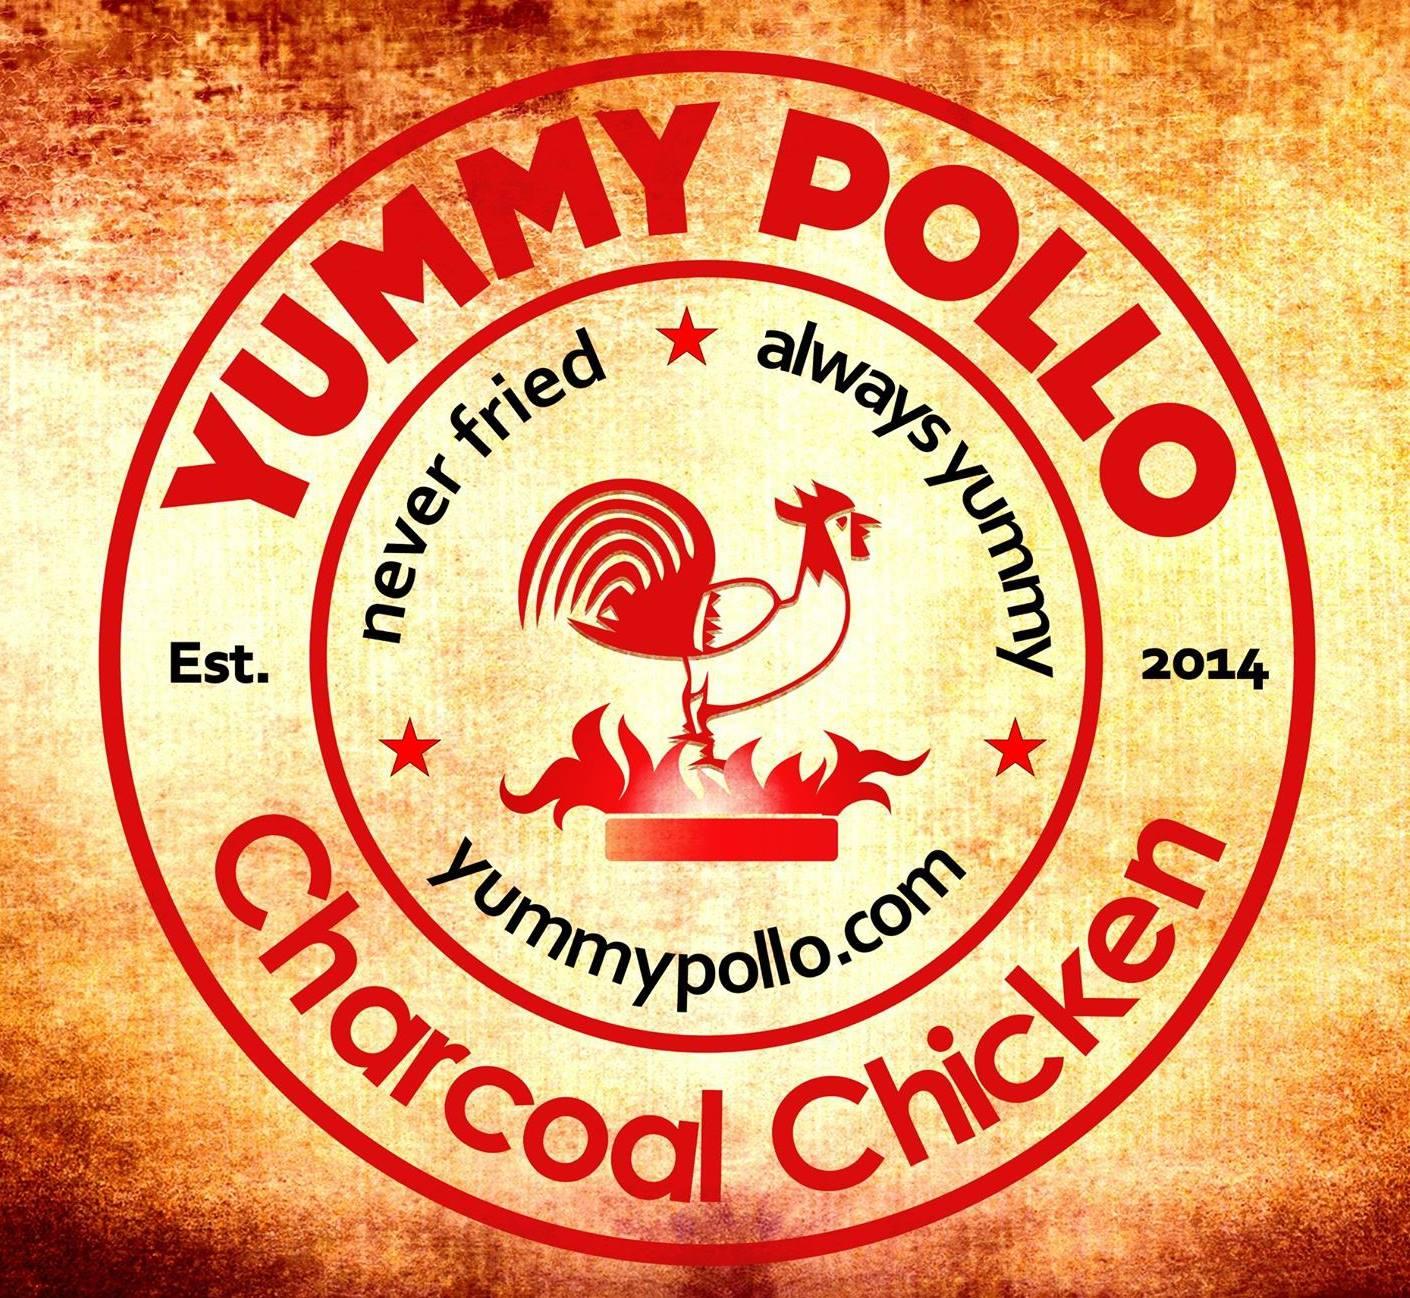 Yummy Pollo